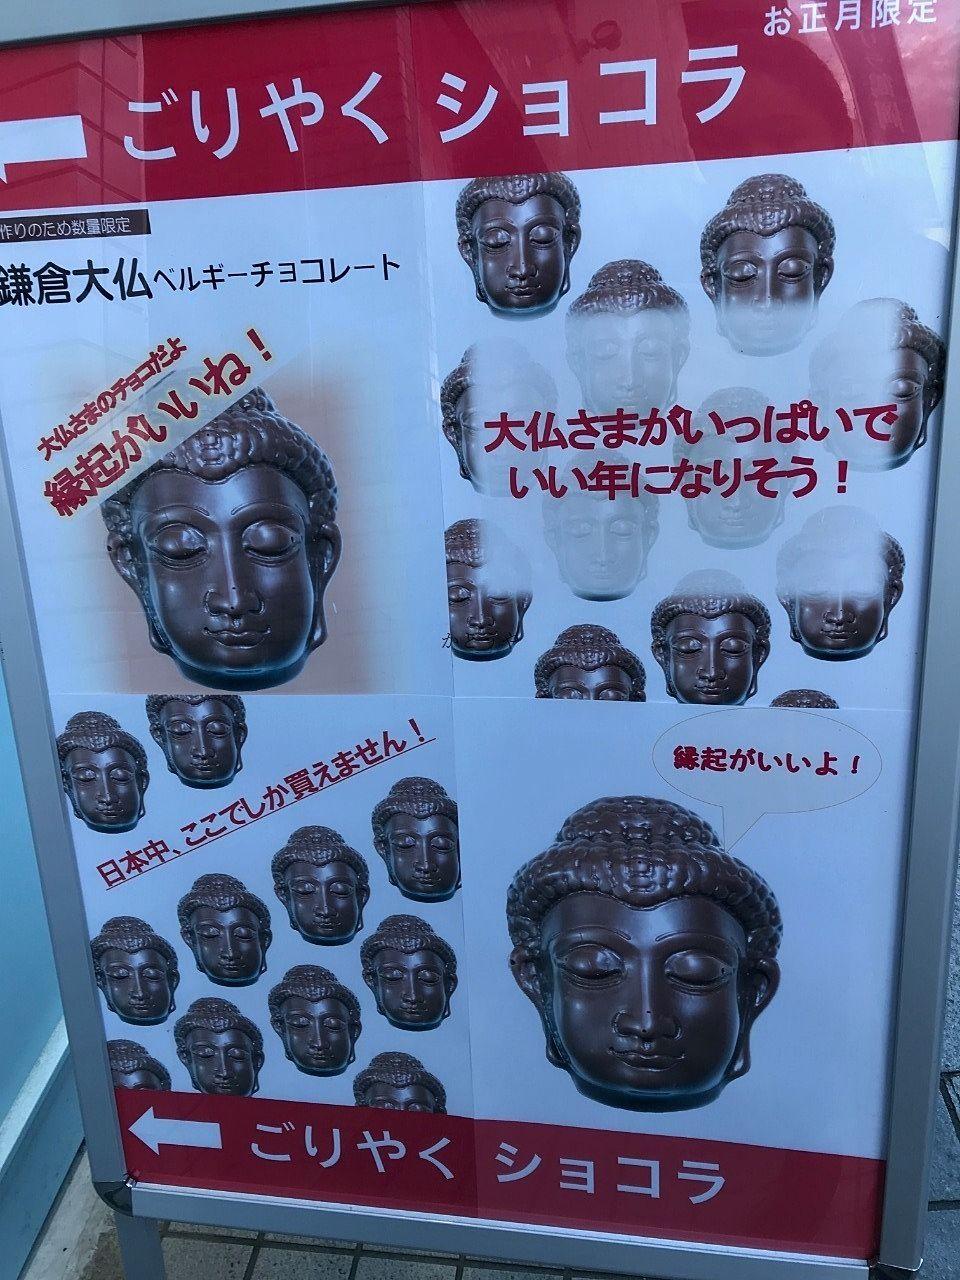 鎌倉で発見した、鎌倉大仏ベルギーチョコレートのお店です。